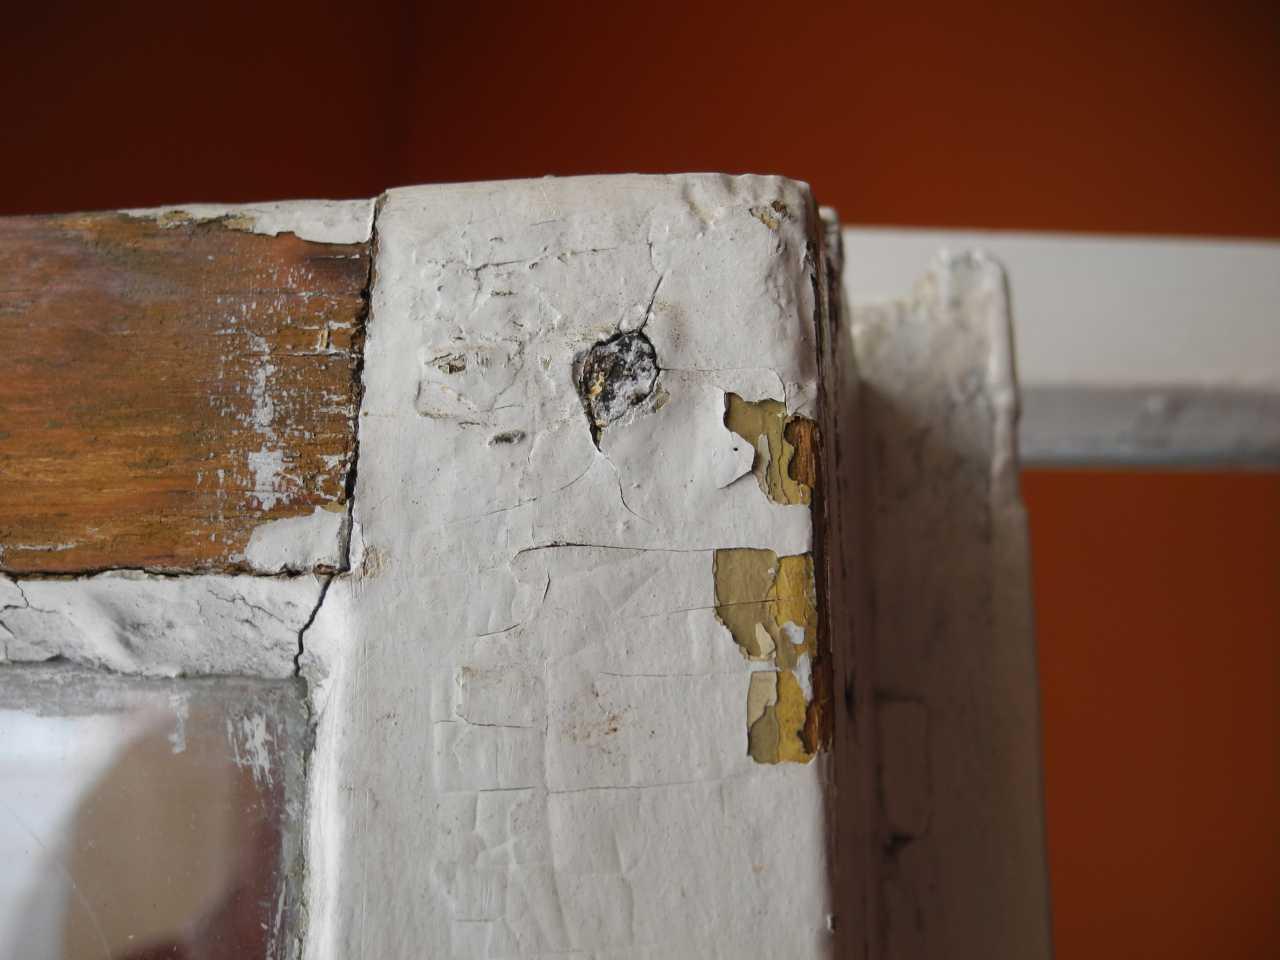 Průzkum oken na žižkovských pavlačích, čp. 104 a 1016, Žižkov